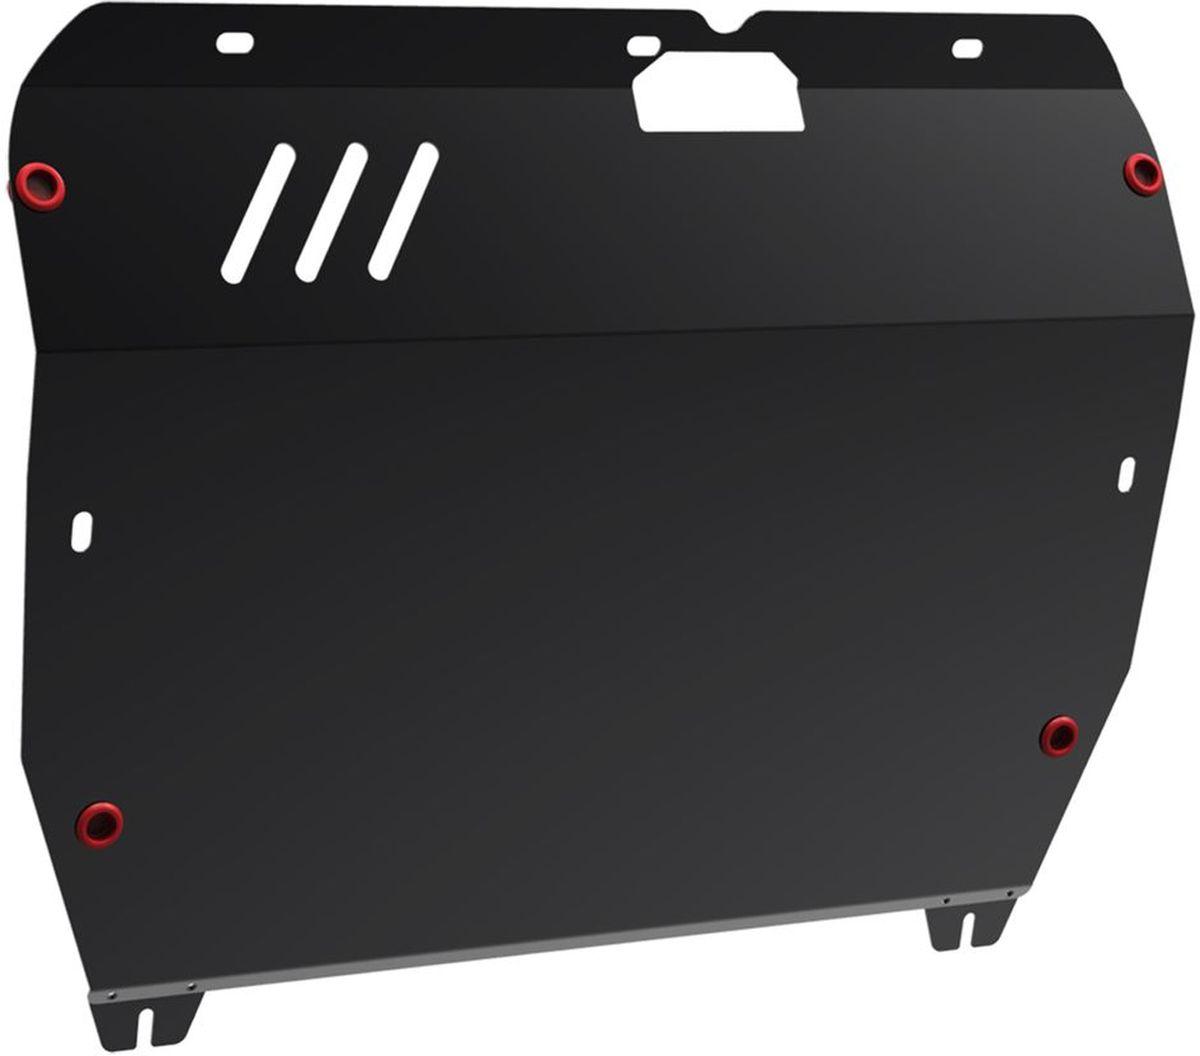 Защита картера и КПП Автоброня, для Hyundai Santa Fe Classic/Hyundai ТагАЗ Santa Fe Classic/JAC Rein. 111.02308.32706 (ПО)Технологически совершенный продукт за невысокую стоимость.Защита разработана с учетом особенностей днища автомобиля, что позволяет сохранить дорожный просвет с минимальным изменением.Защита устанавливается в штатные места кузова автомобиля. Глубокий штамп обеспечивает до двух раз больше жесткости в сравнении с обычной защитой той же толщины. Проштампованные ребра жесткости препятствуют деформации защиты при ударах.Тепловой зазор и вентиляционные отверстия обеспечивают сохранение температурного режима двигателя в норме. Скрытый крепеж предотвращает срыв крепежных элементов при наезде на препятствие.Шумопоглощающие резиновые элементы обеспечивают комфортную езду без вибраций и скрежета металла, а съемные лючки для слива масла и замены фильтра - экономию средств и время.Конструкция изделия не влияет на пассивную безопасность автомобиля (при ударе защита не воздействует на деформационные зоны кузова). Со штатным крепежом. В комплекте инструкция по установке.Толщина стали: 2 мм.